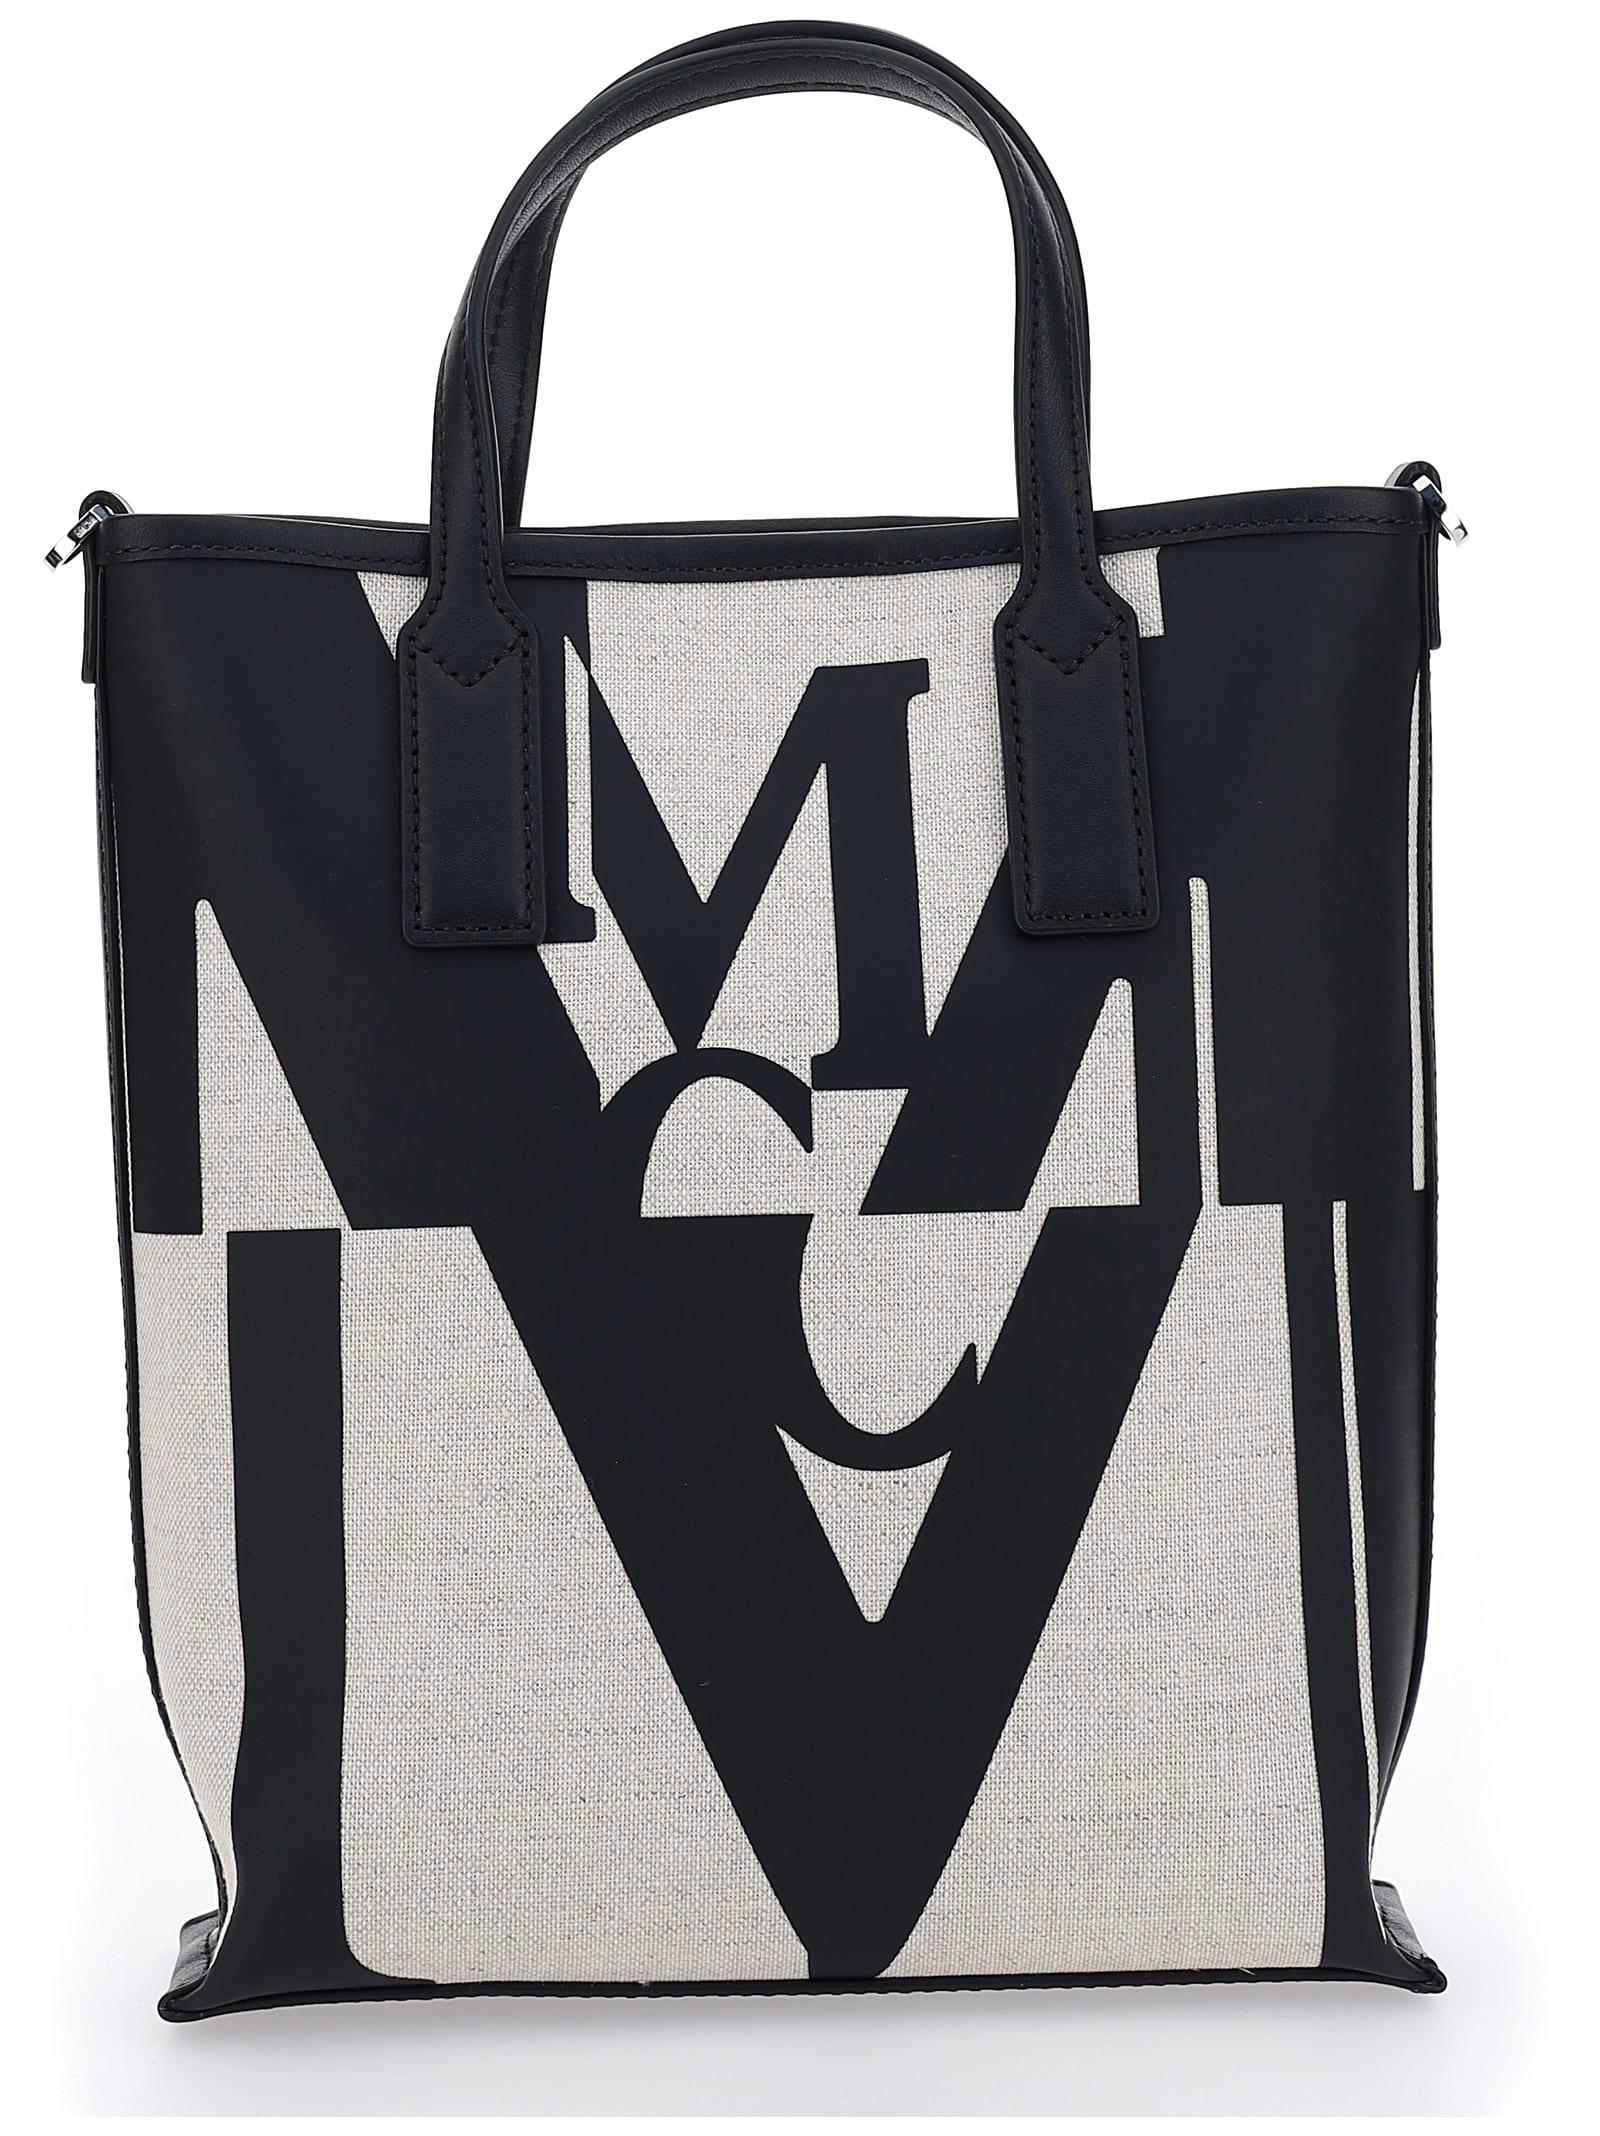 Mcm MCM MINI SHOPPER BAG